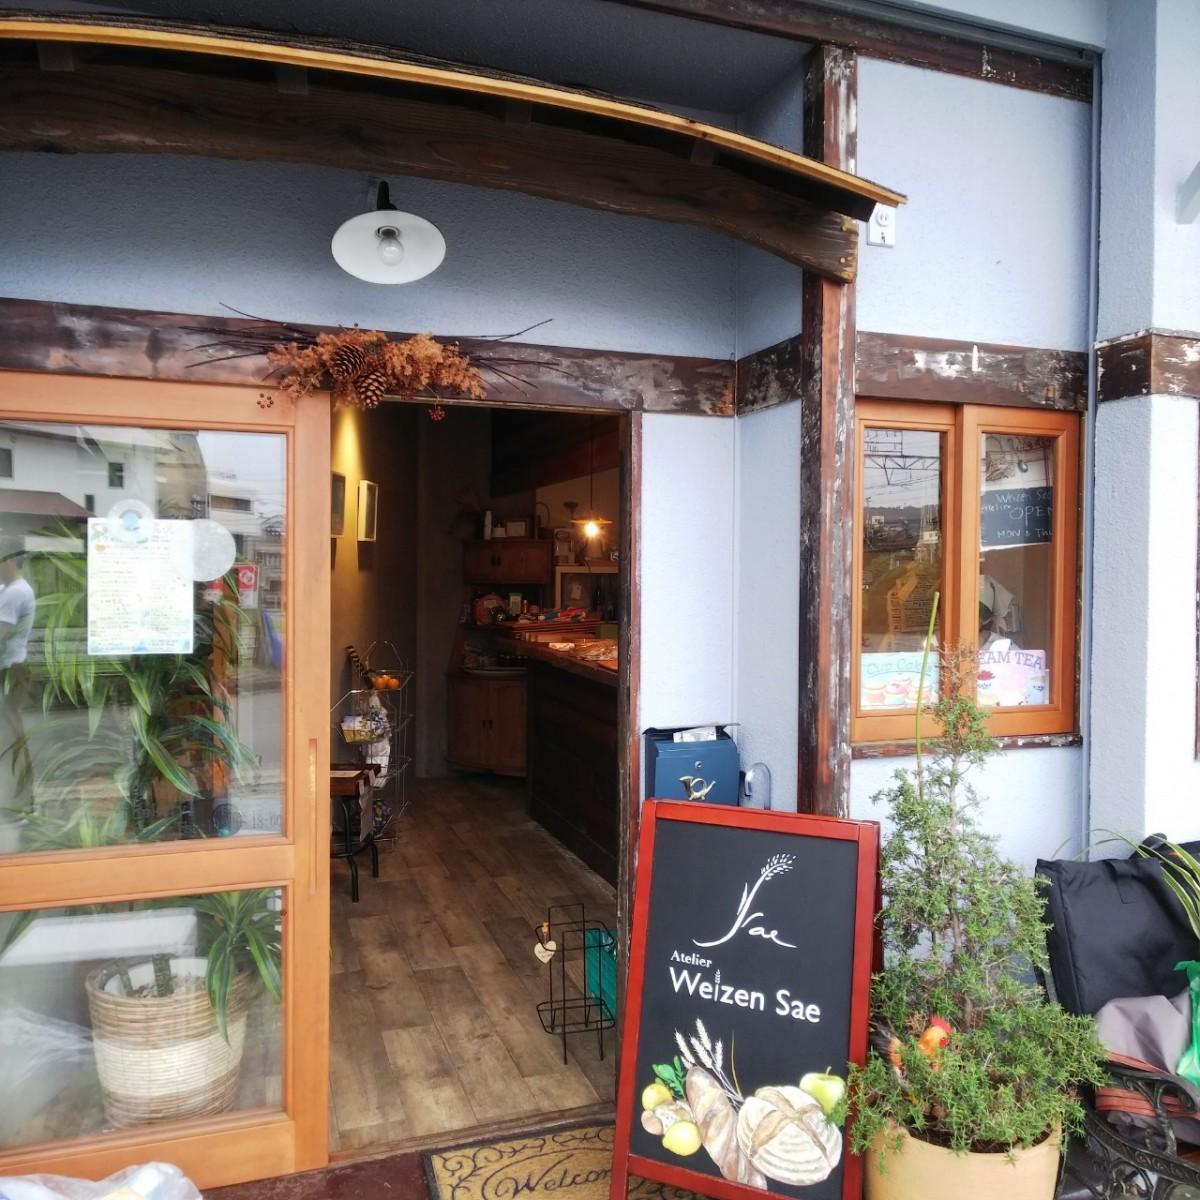 「早川駅前プチマルシェ」を主催する「Atelier Weizen Sae(アトリエ・ヴァイツェン・サエ)」の店頭